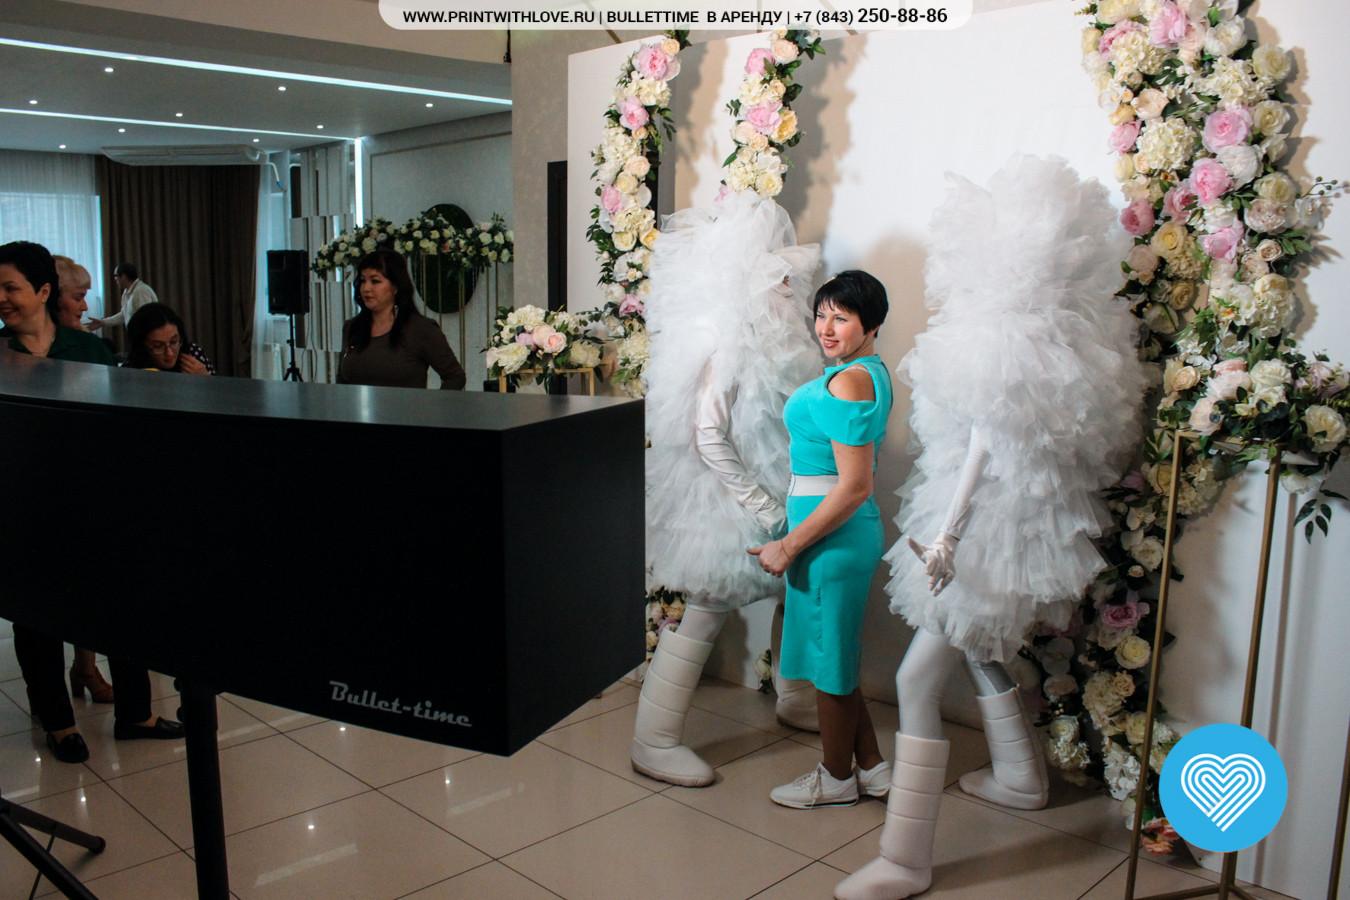 BulletTime в аренду в Казани и городах Поволжья